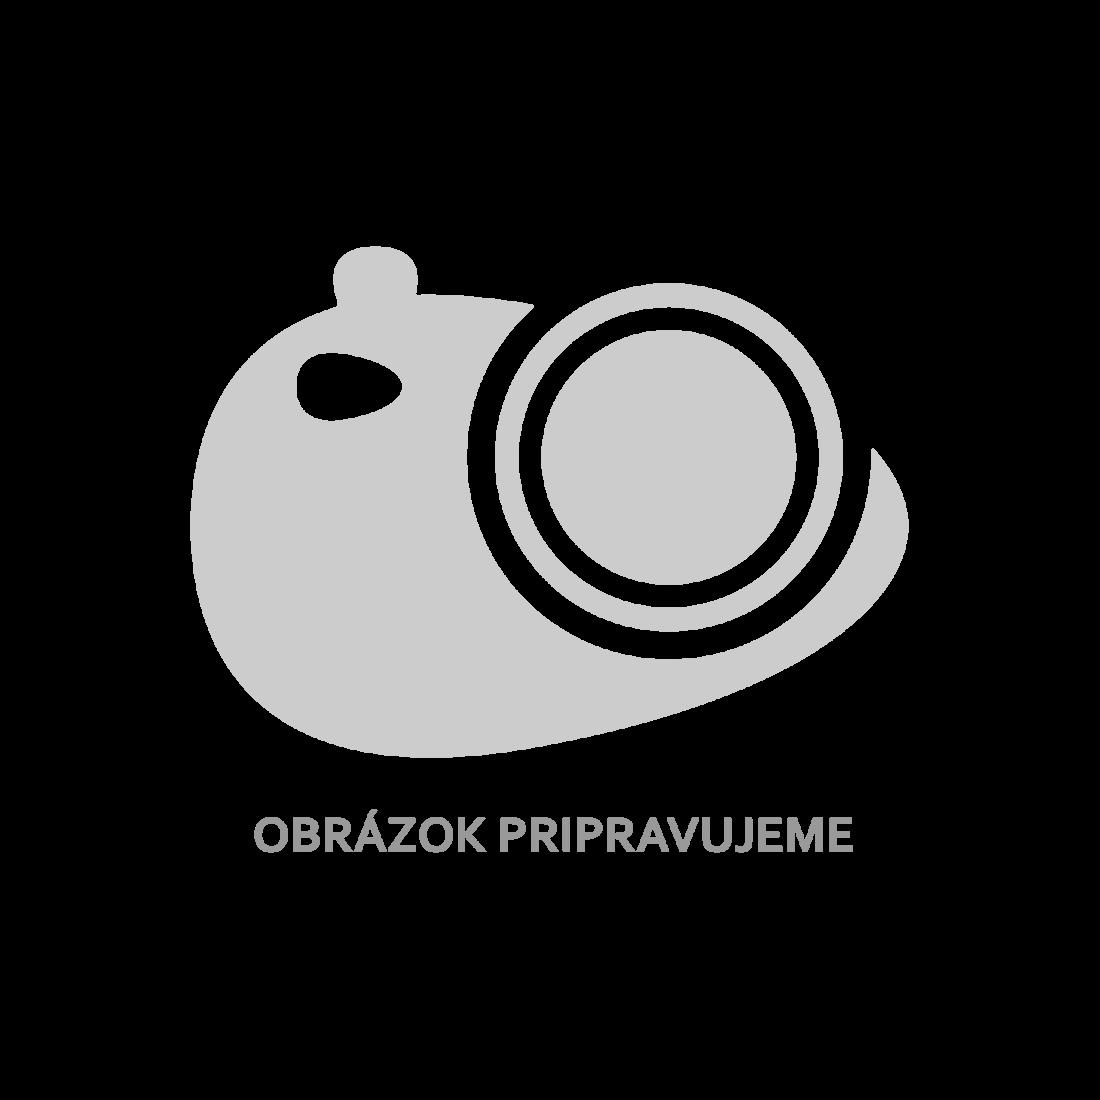 RVS nástenné vnútorné aj vonkajšie vodotesné svietidlo 22 x 30 cm